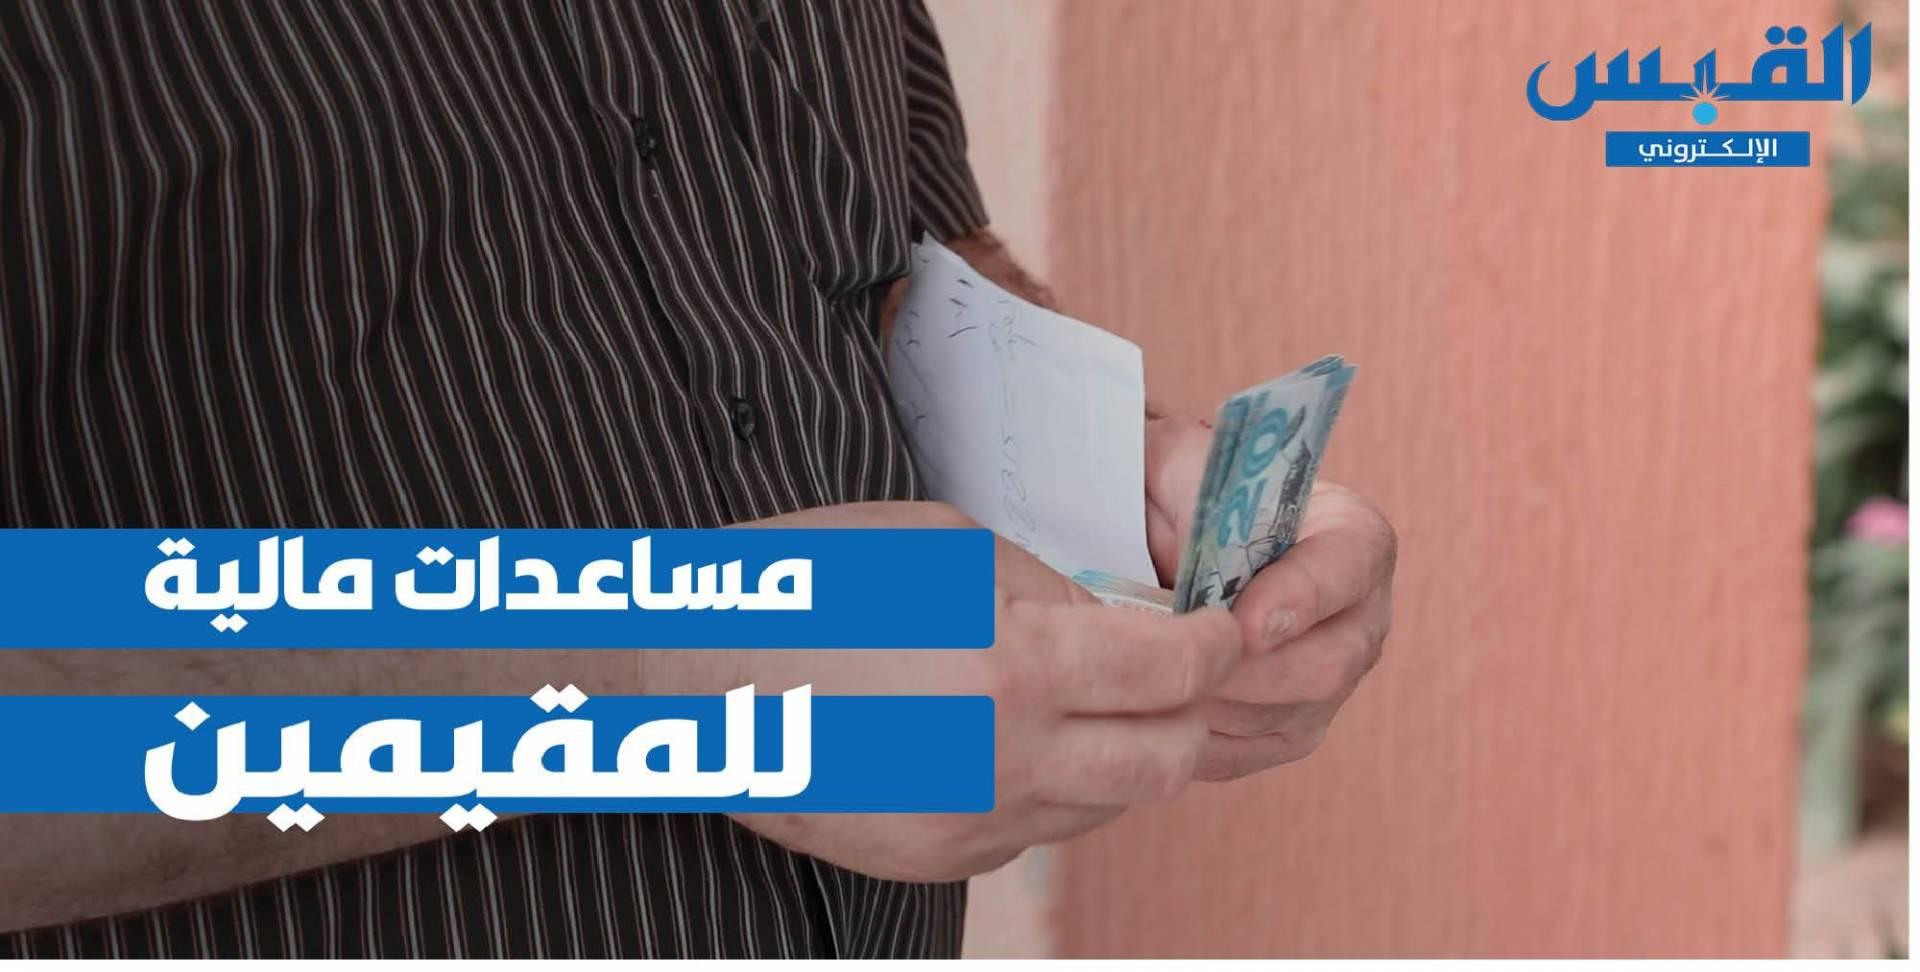 مساعدات مالية للمقيمين المعدمين وضحايا تجارة الإقامات